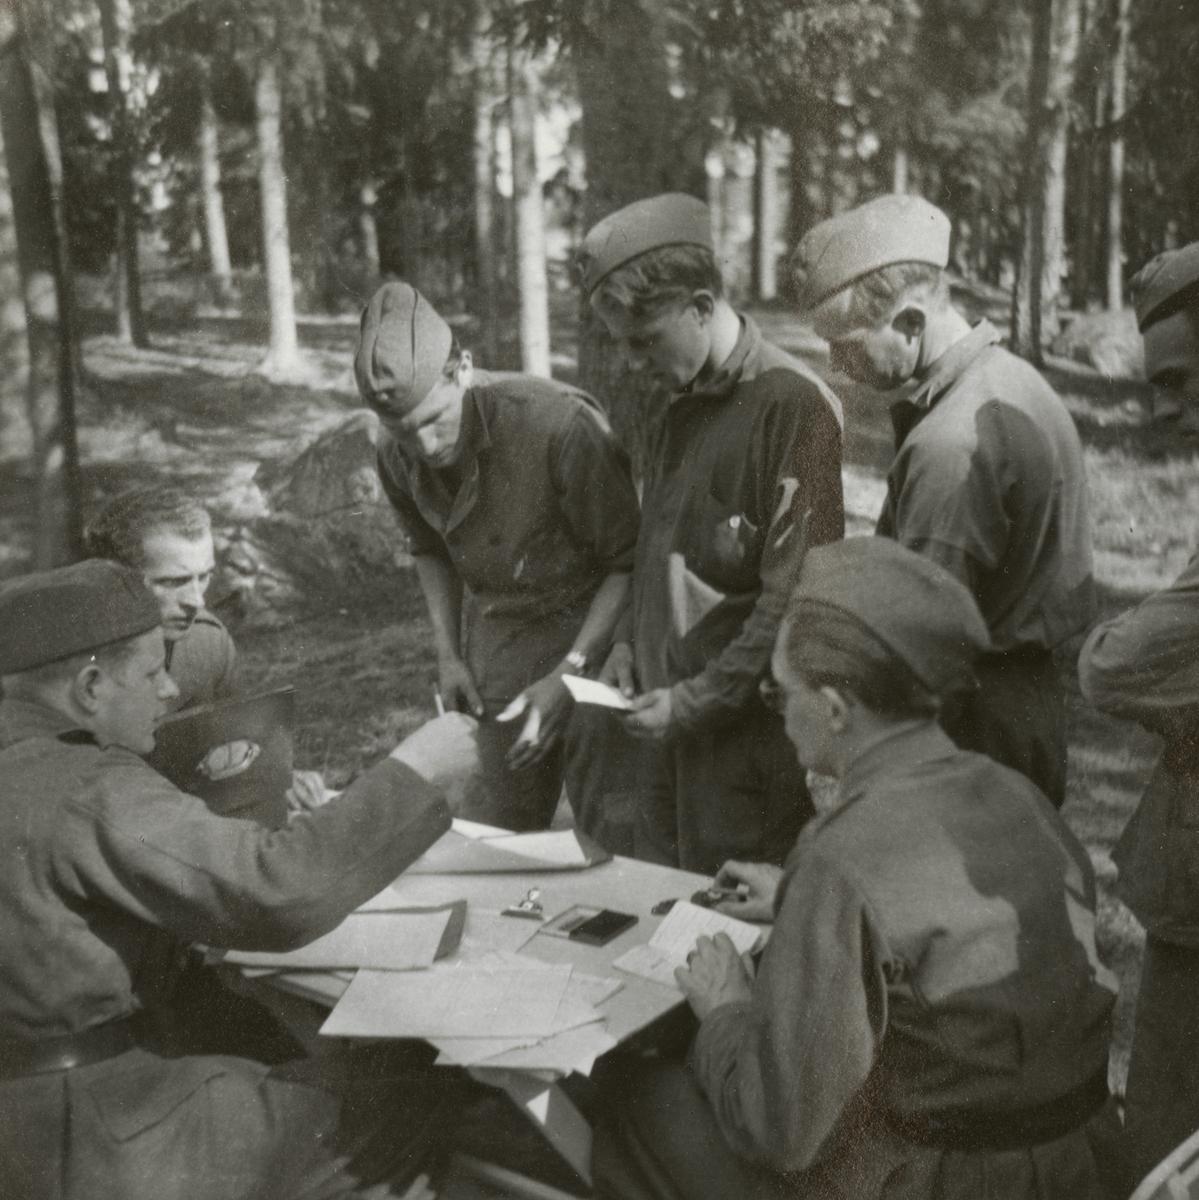 Soldater från Södermalands regemente I 10 samlade kring bordet.